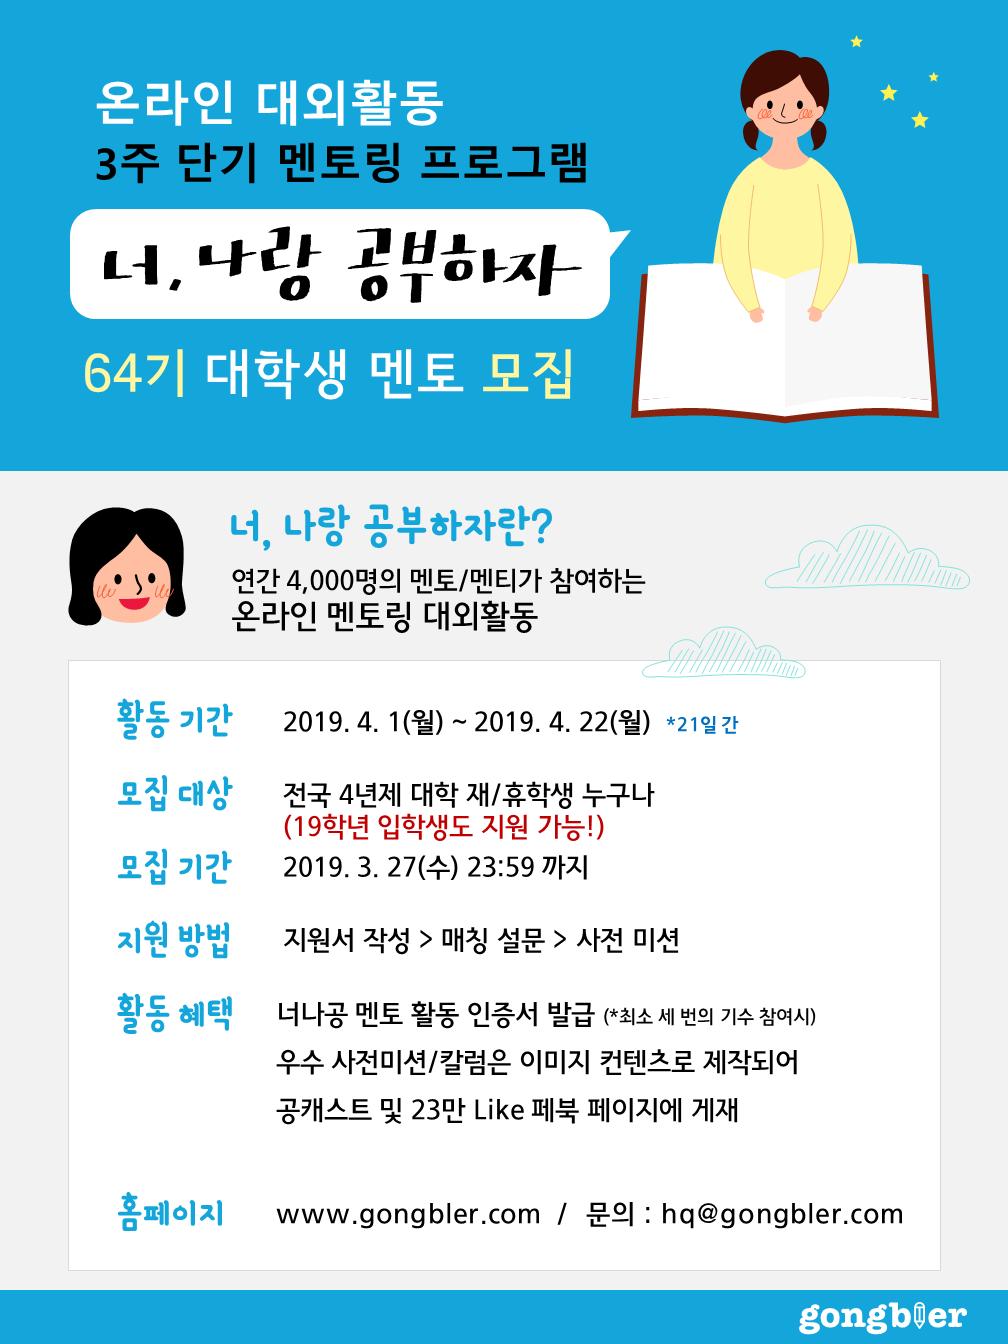 [공블러] 온라인 대학생 멘토링 대외활동 너나공 64기 모집